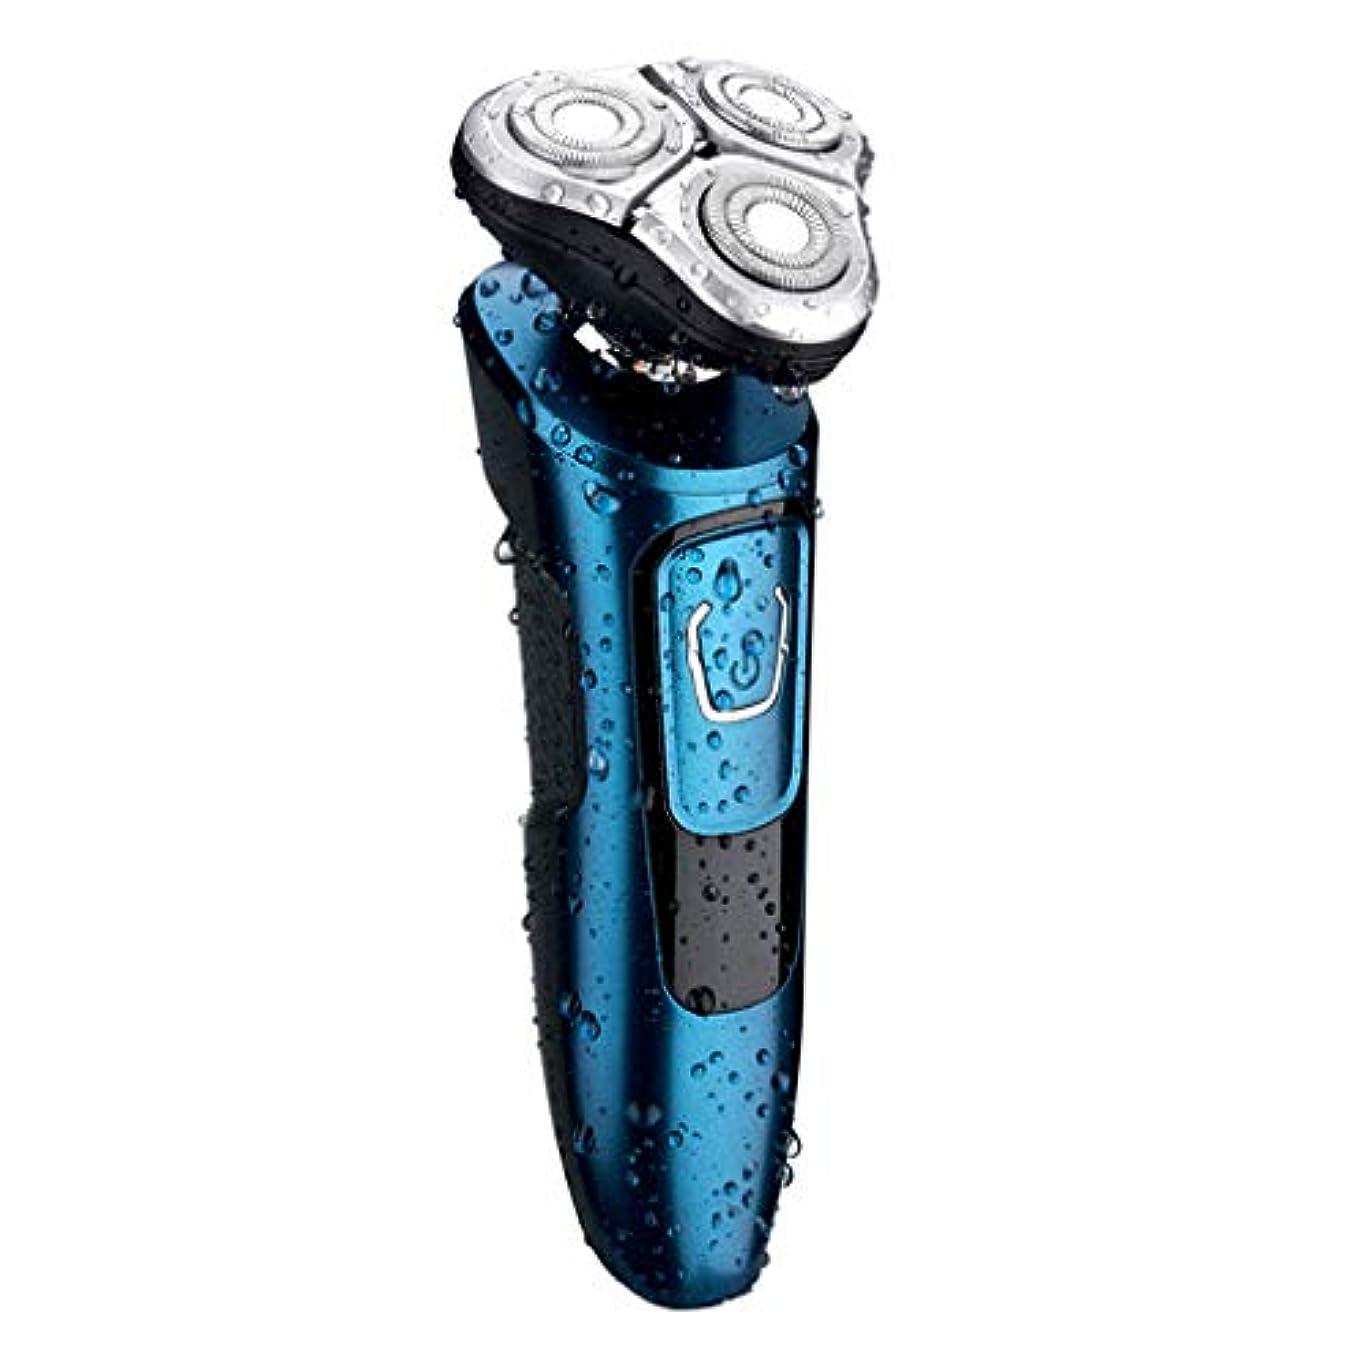 書誌ラックやろうウェット&ドライかみそり、多機能防水ホーン/鼻毛トリマー、クレンジングデバイス、急速充電/LEDディスプレイ